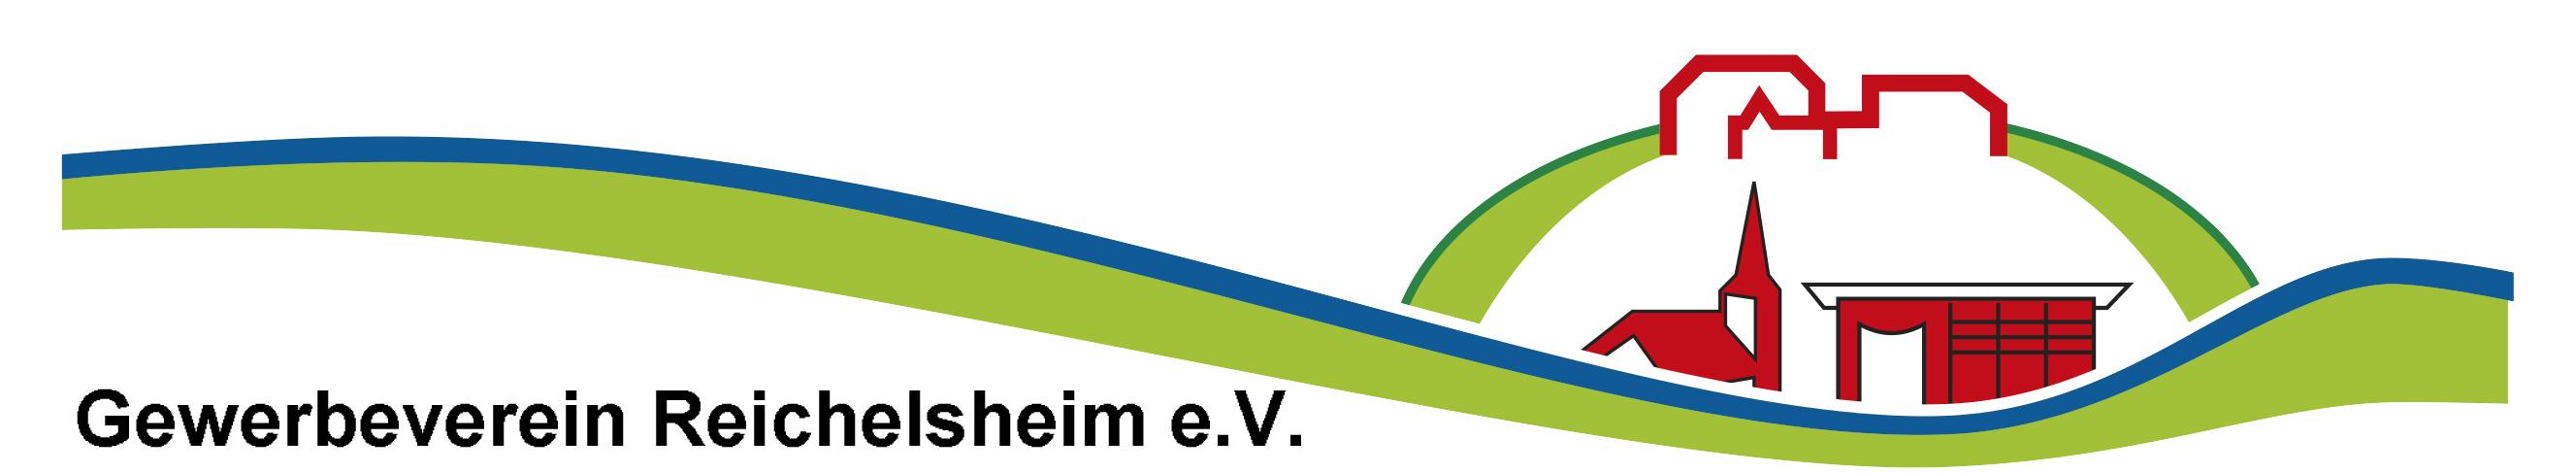 Gewerbeverein Reichelsheim